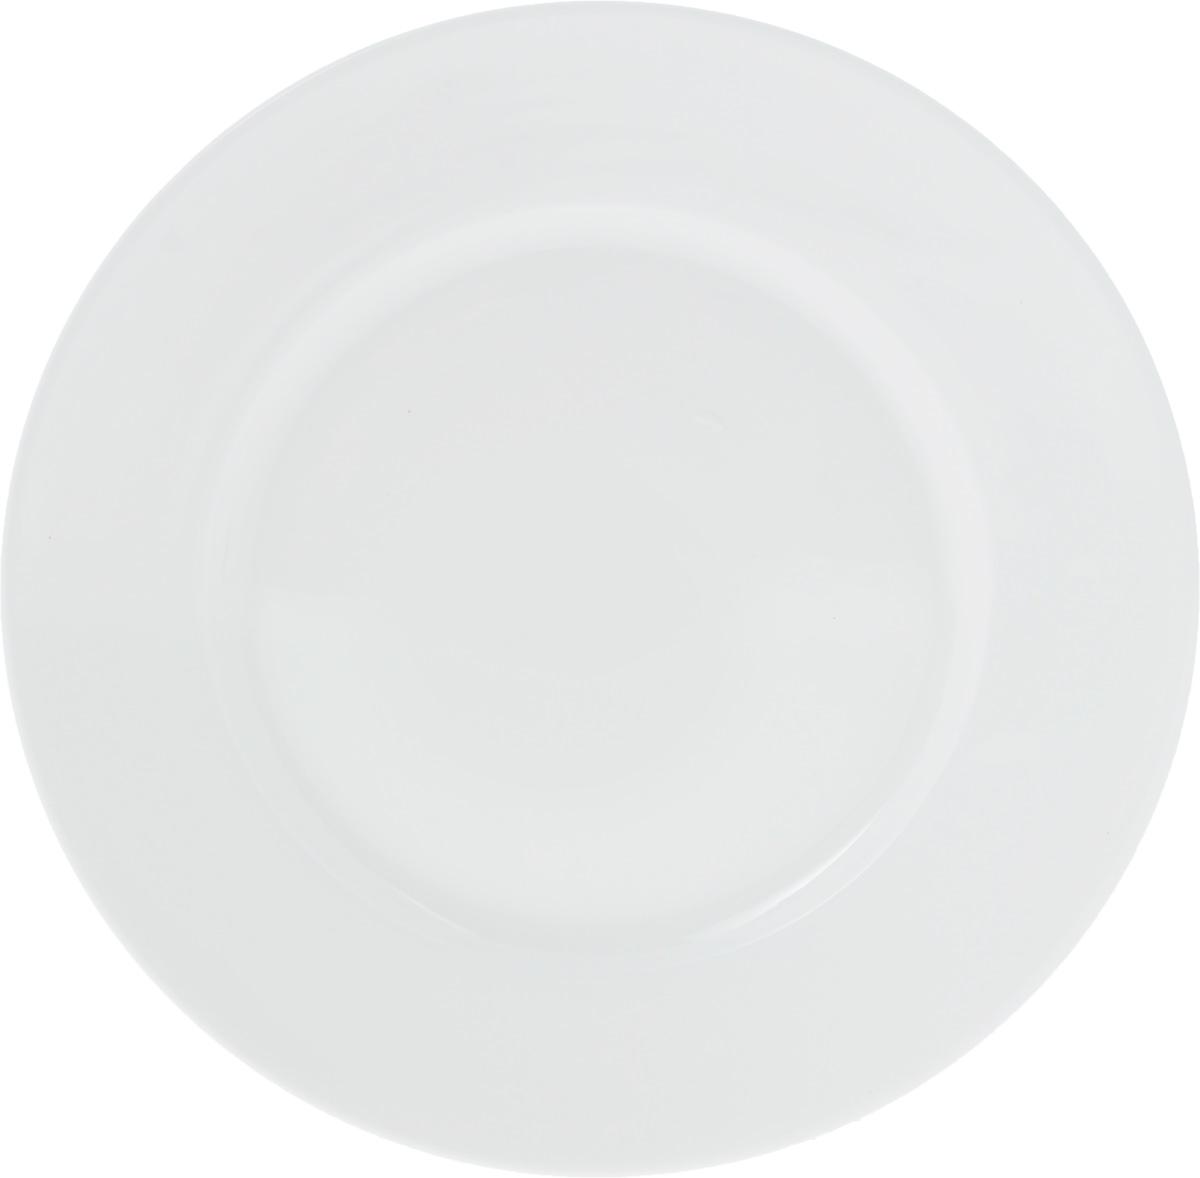 Тарелка Wilmax, диаметр 18 см. WL-991005 / AWL-991005 / AТарелка Wilmax, выполненная из высококачественного фарфора, имеет классическую круглую форму. Изделие идеально подойдет для сервировки стола и станет отличным подарком к любому празднику.